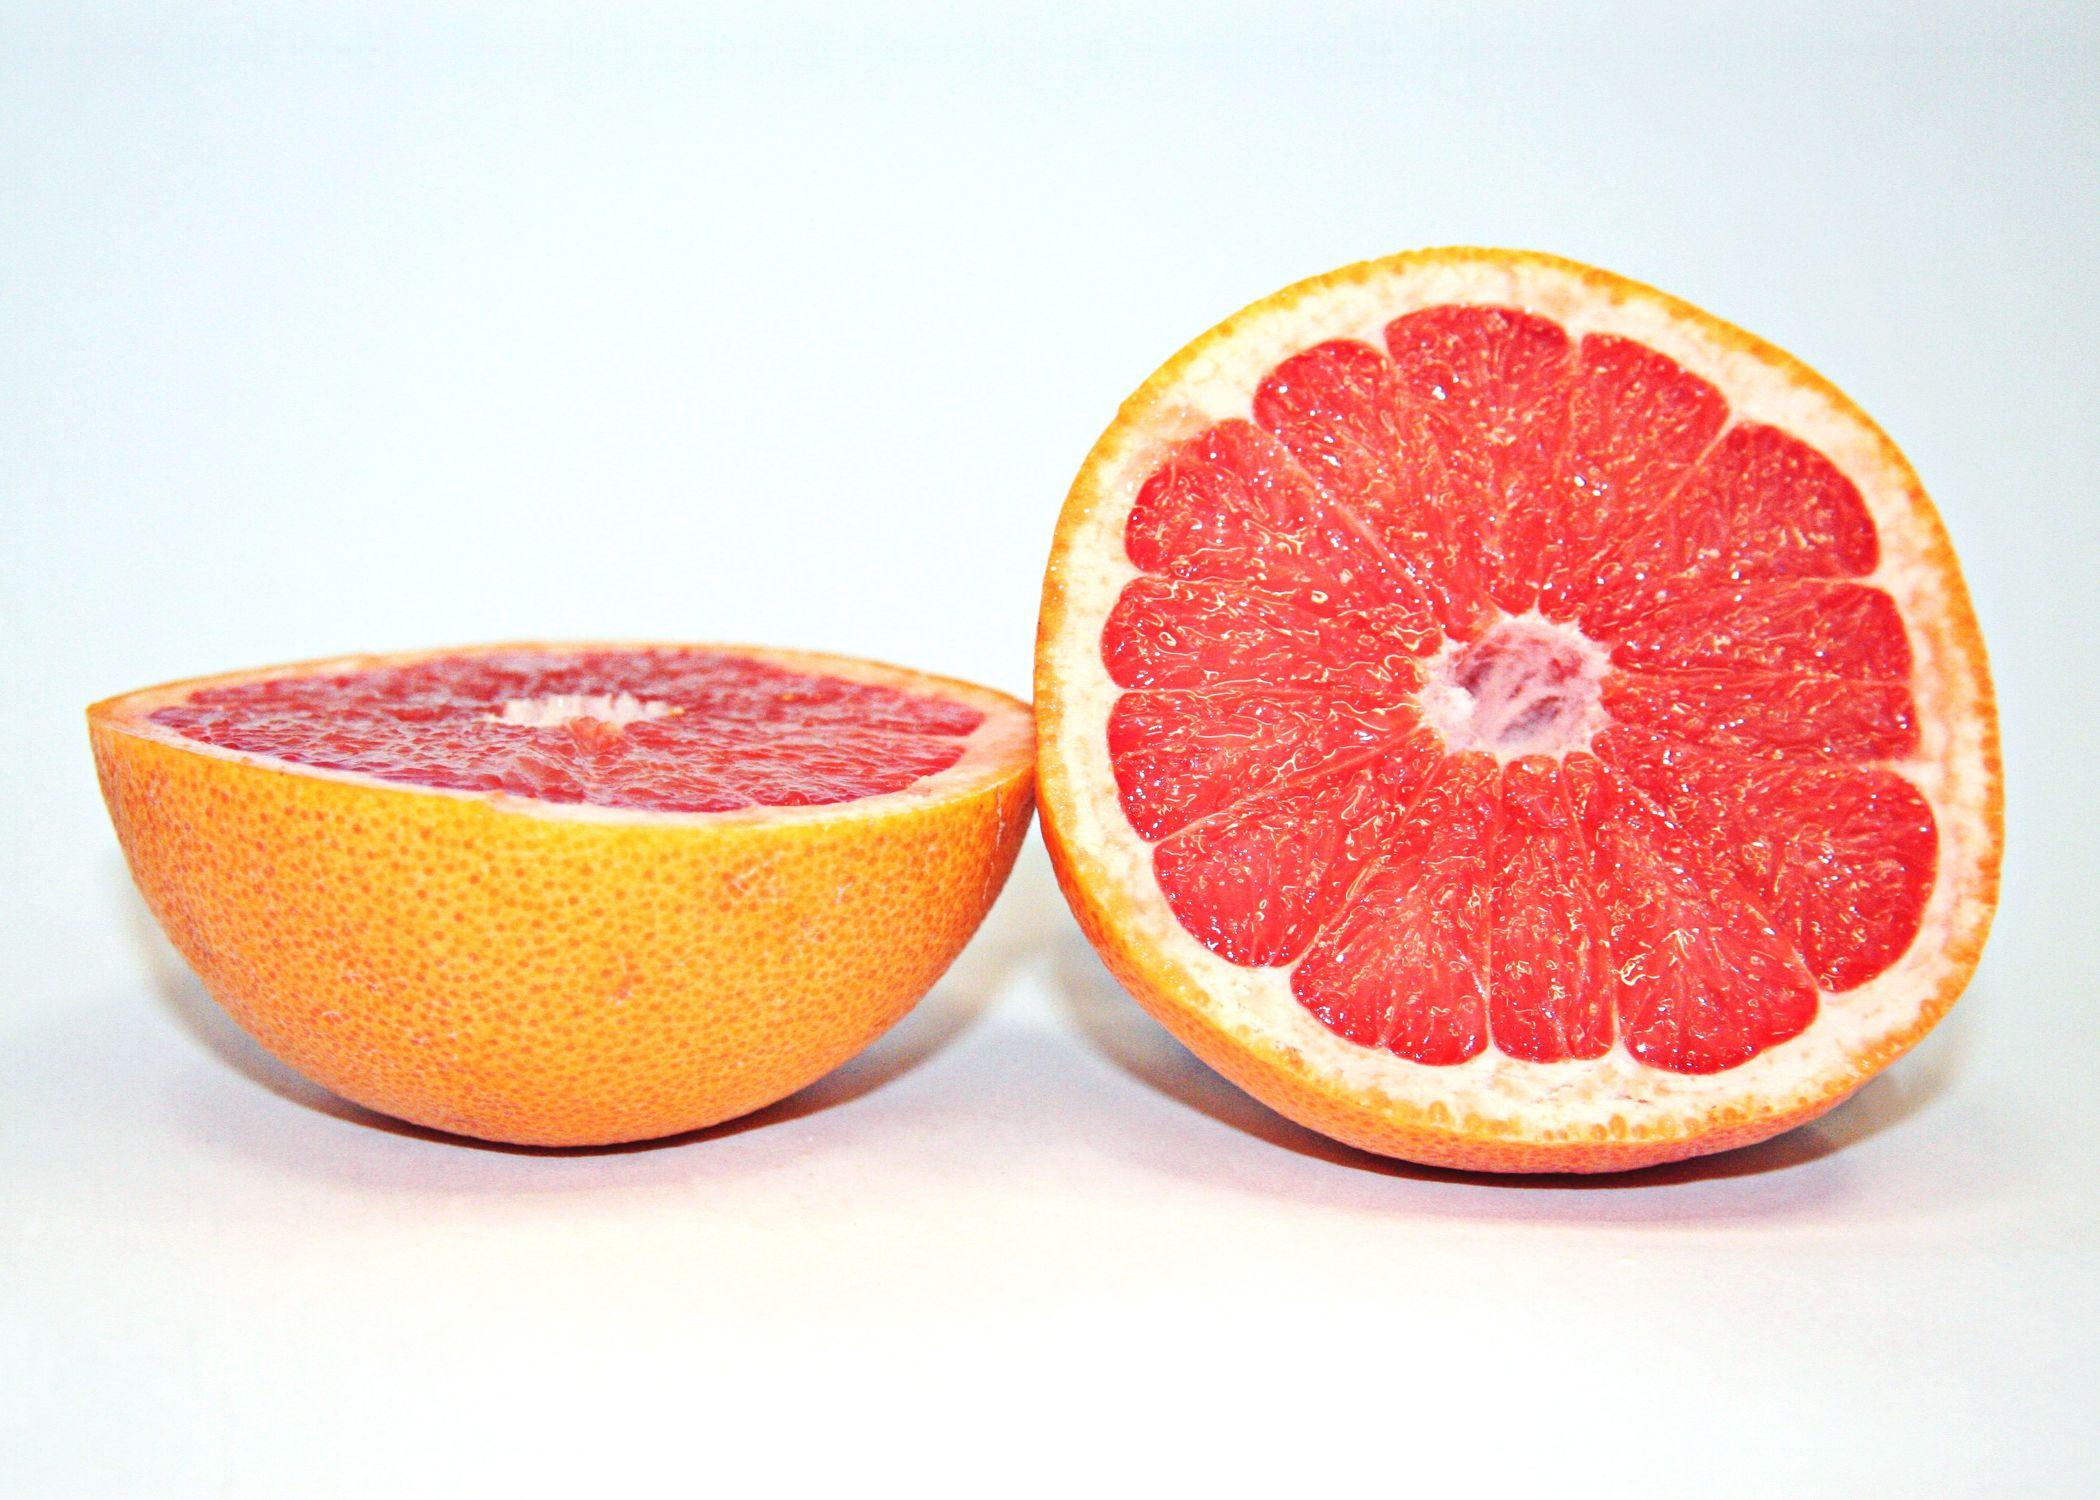 Bild mit Früchte, Lebensmittel, Essen, Zitrusfrüchte, Orangen, Grapefruits, Frucht, Blutorange, Küchenbild